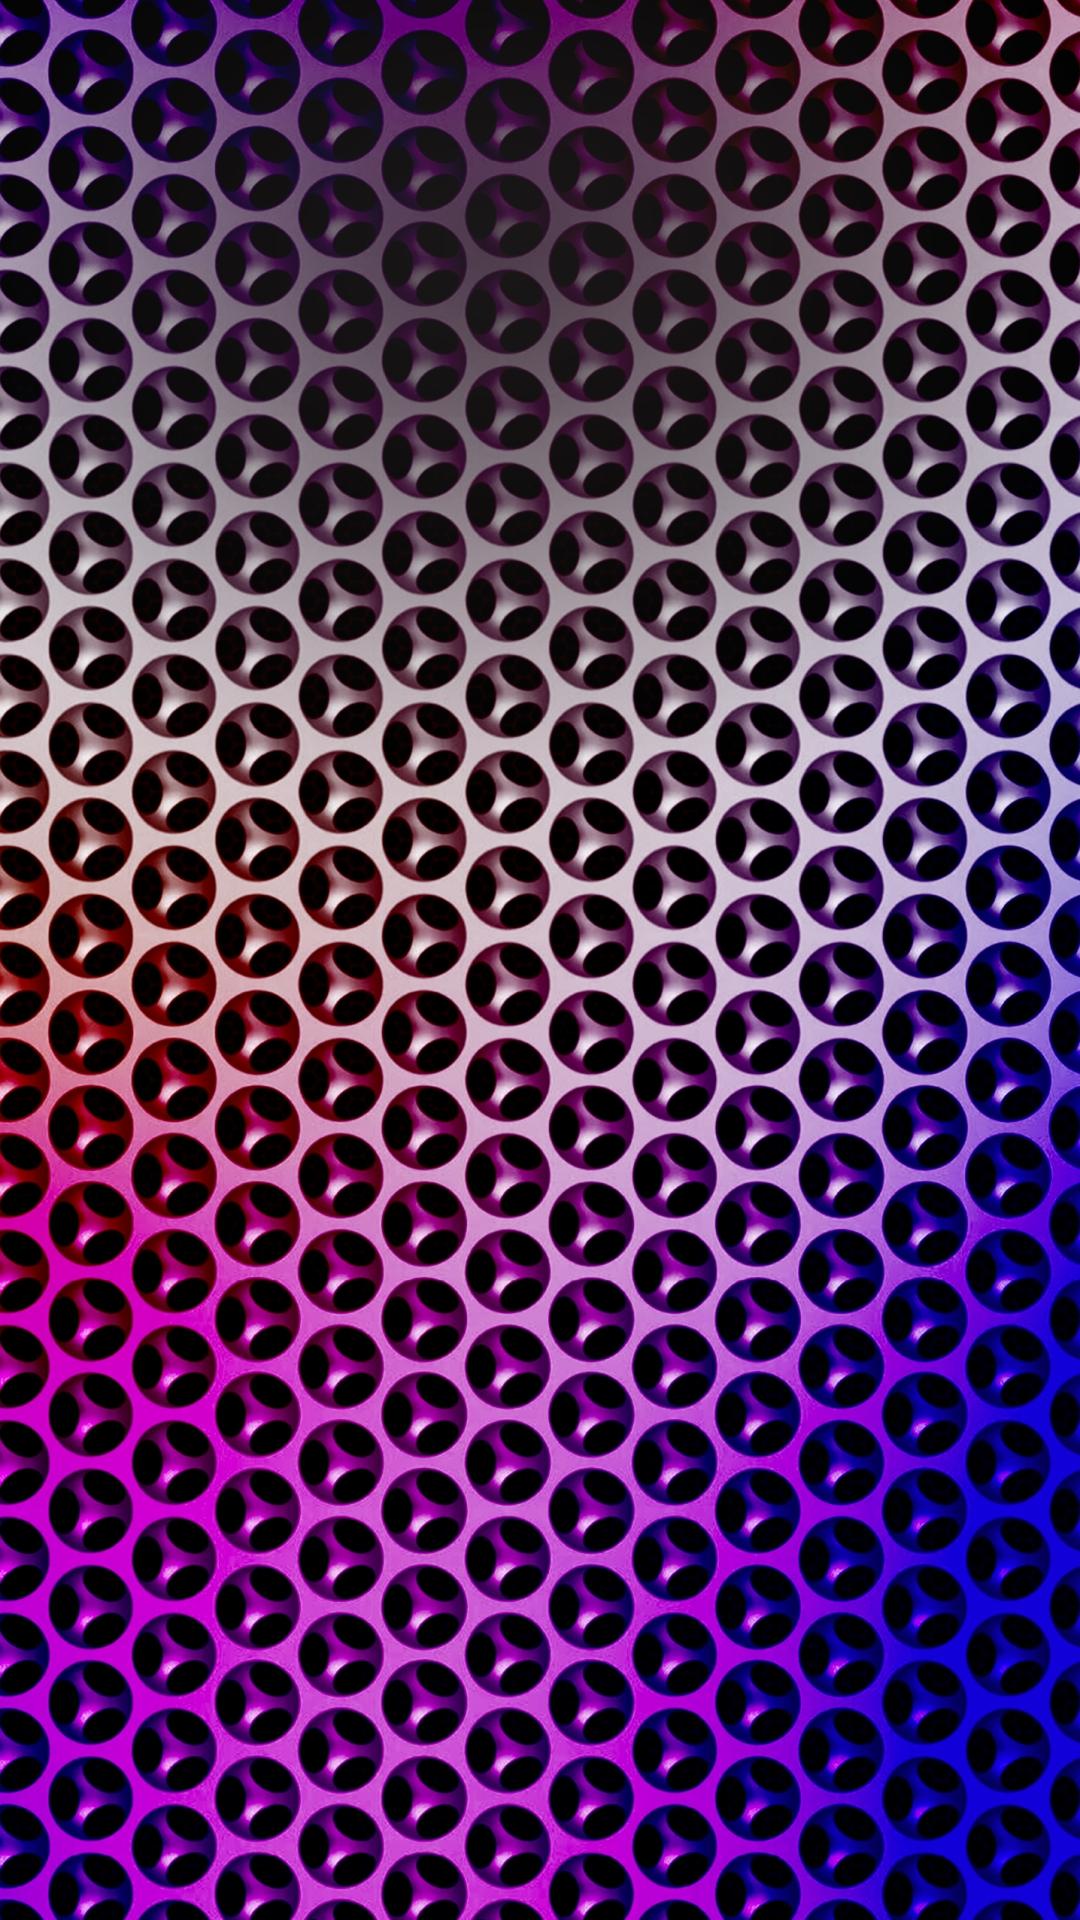 cool wallpaper 1080 x 1920 pixels